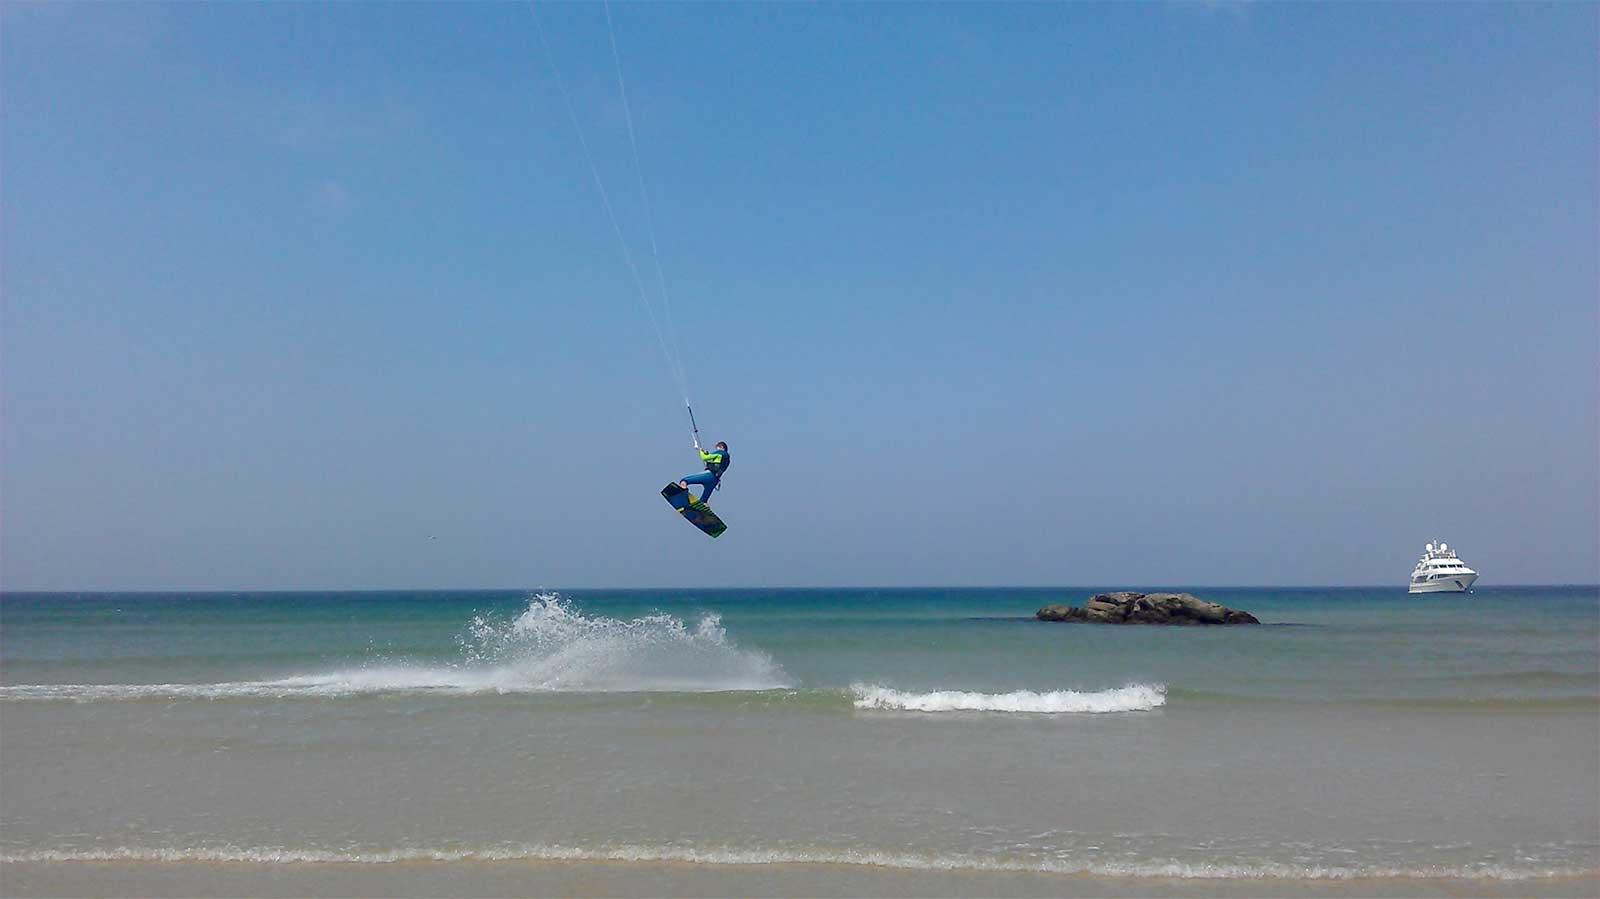 Kitesurfing near the Old Town, Tarifa